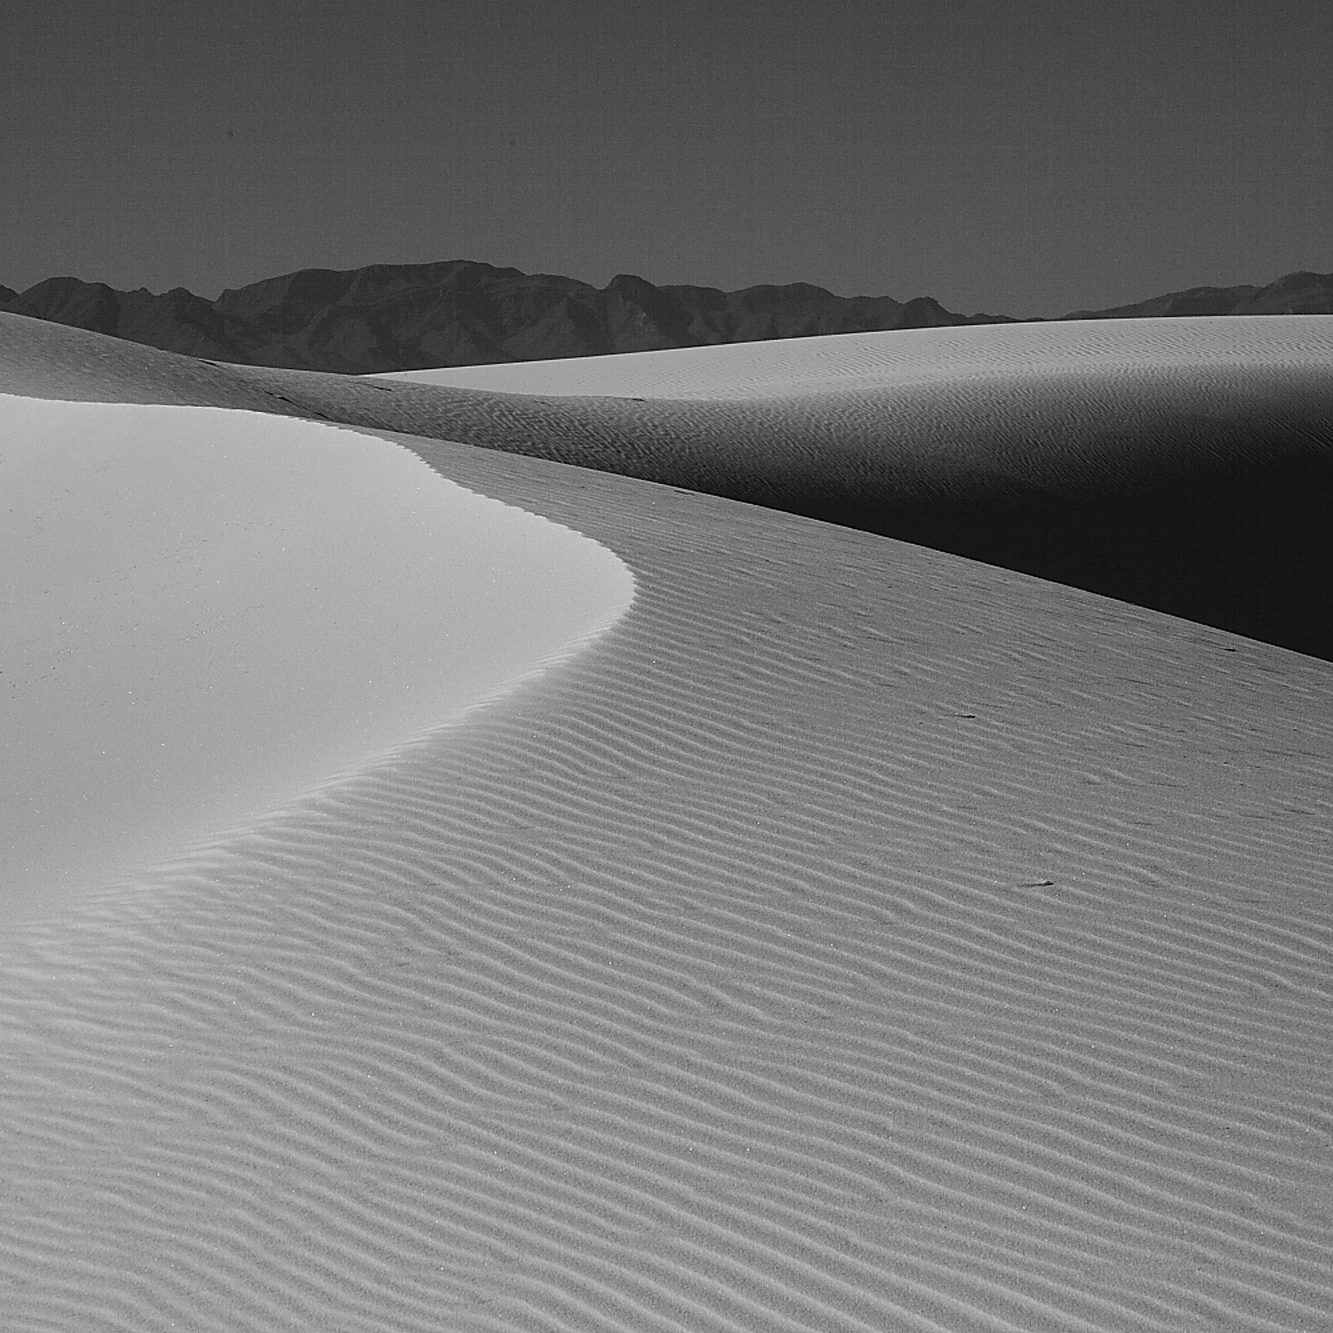 Black & White Sand Dunes